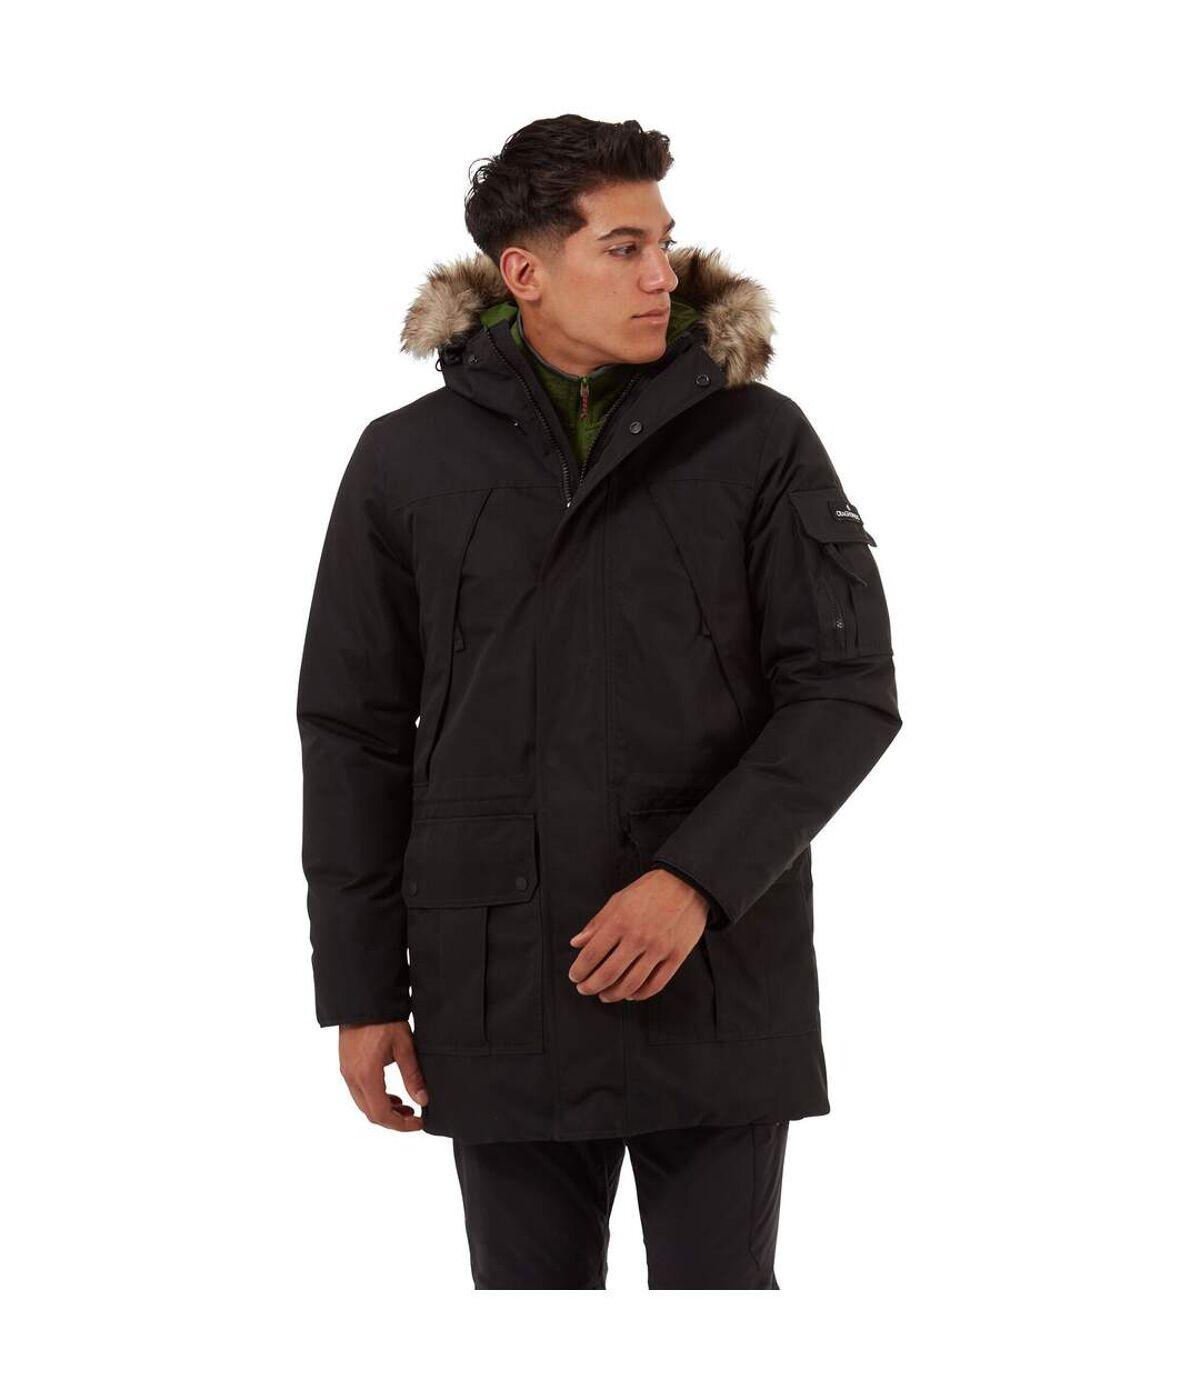 Craghoppers Mens Bishorn Waterproof Jacket (Black) - UTCG1261